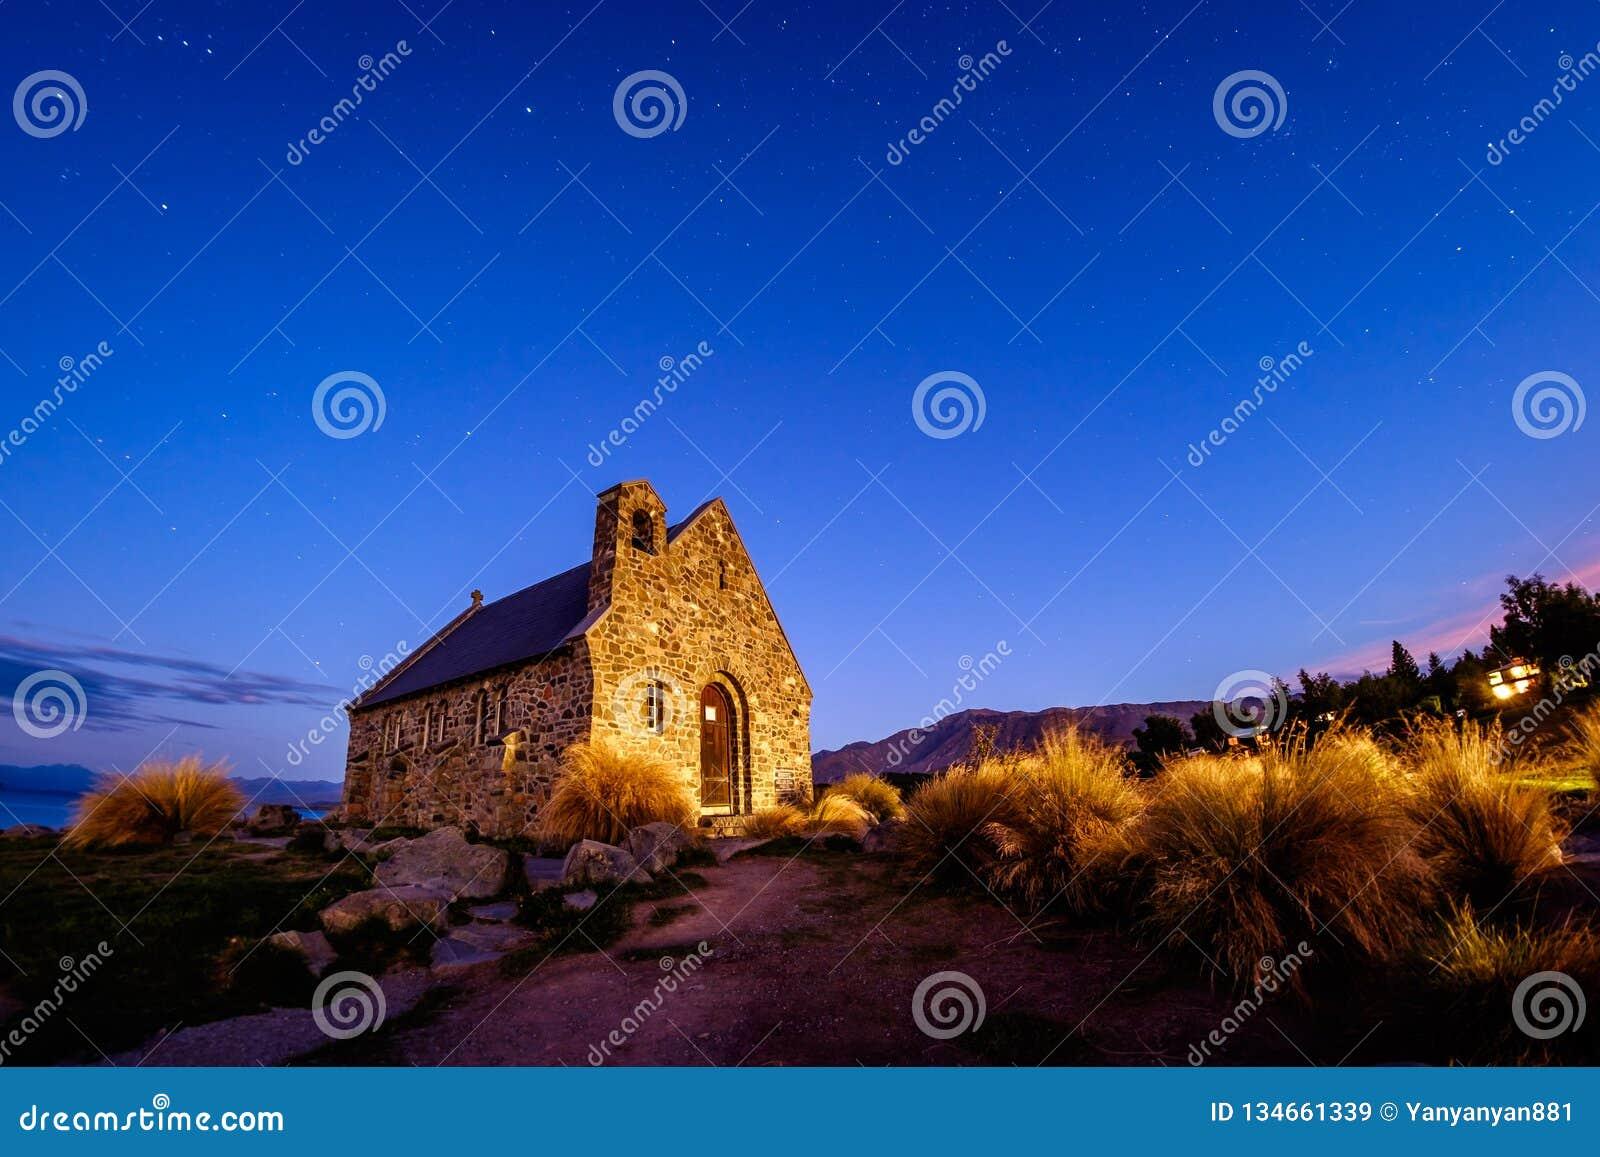 Famous travel landscape image of historical church at Lake Tekapo, New Zealand